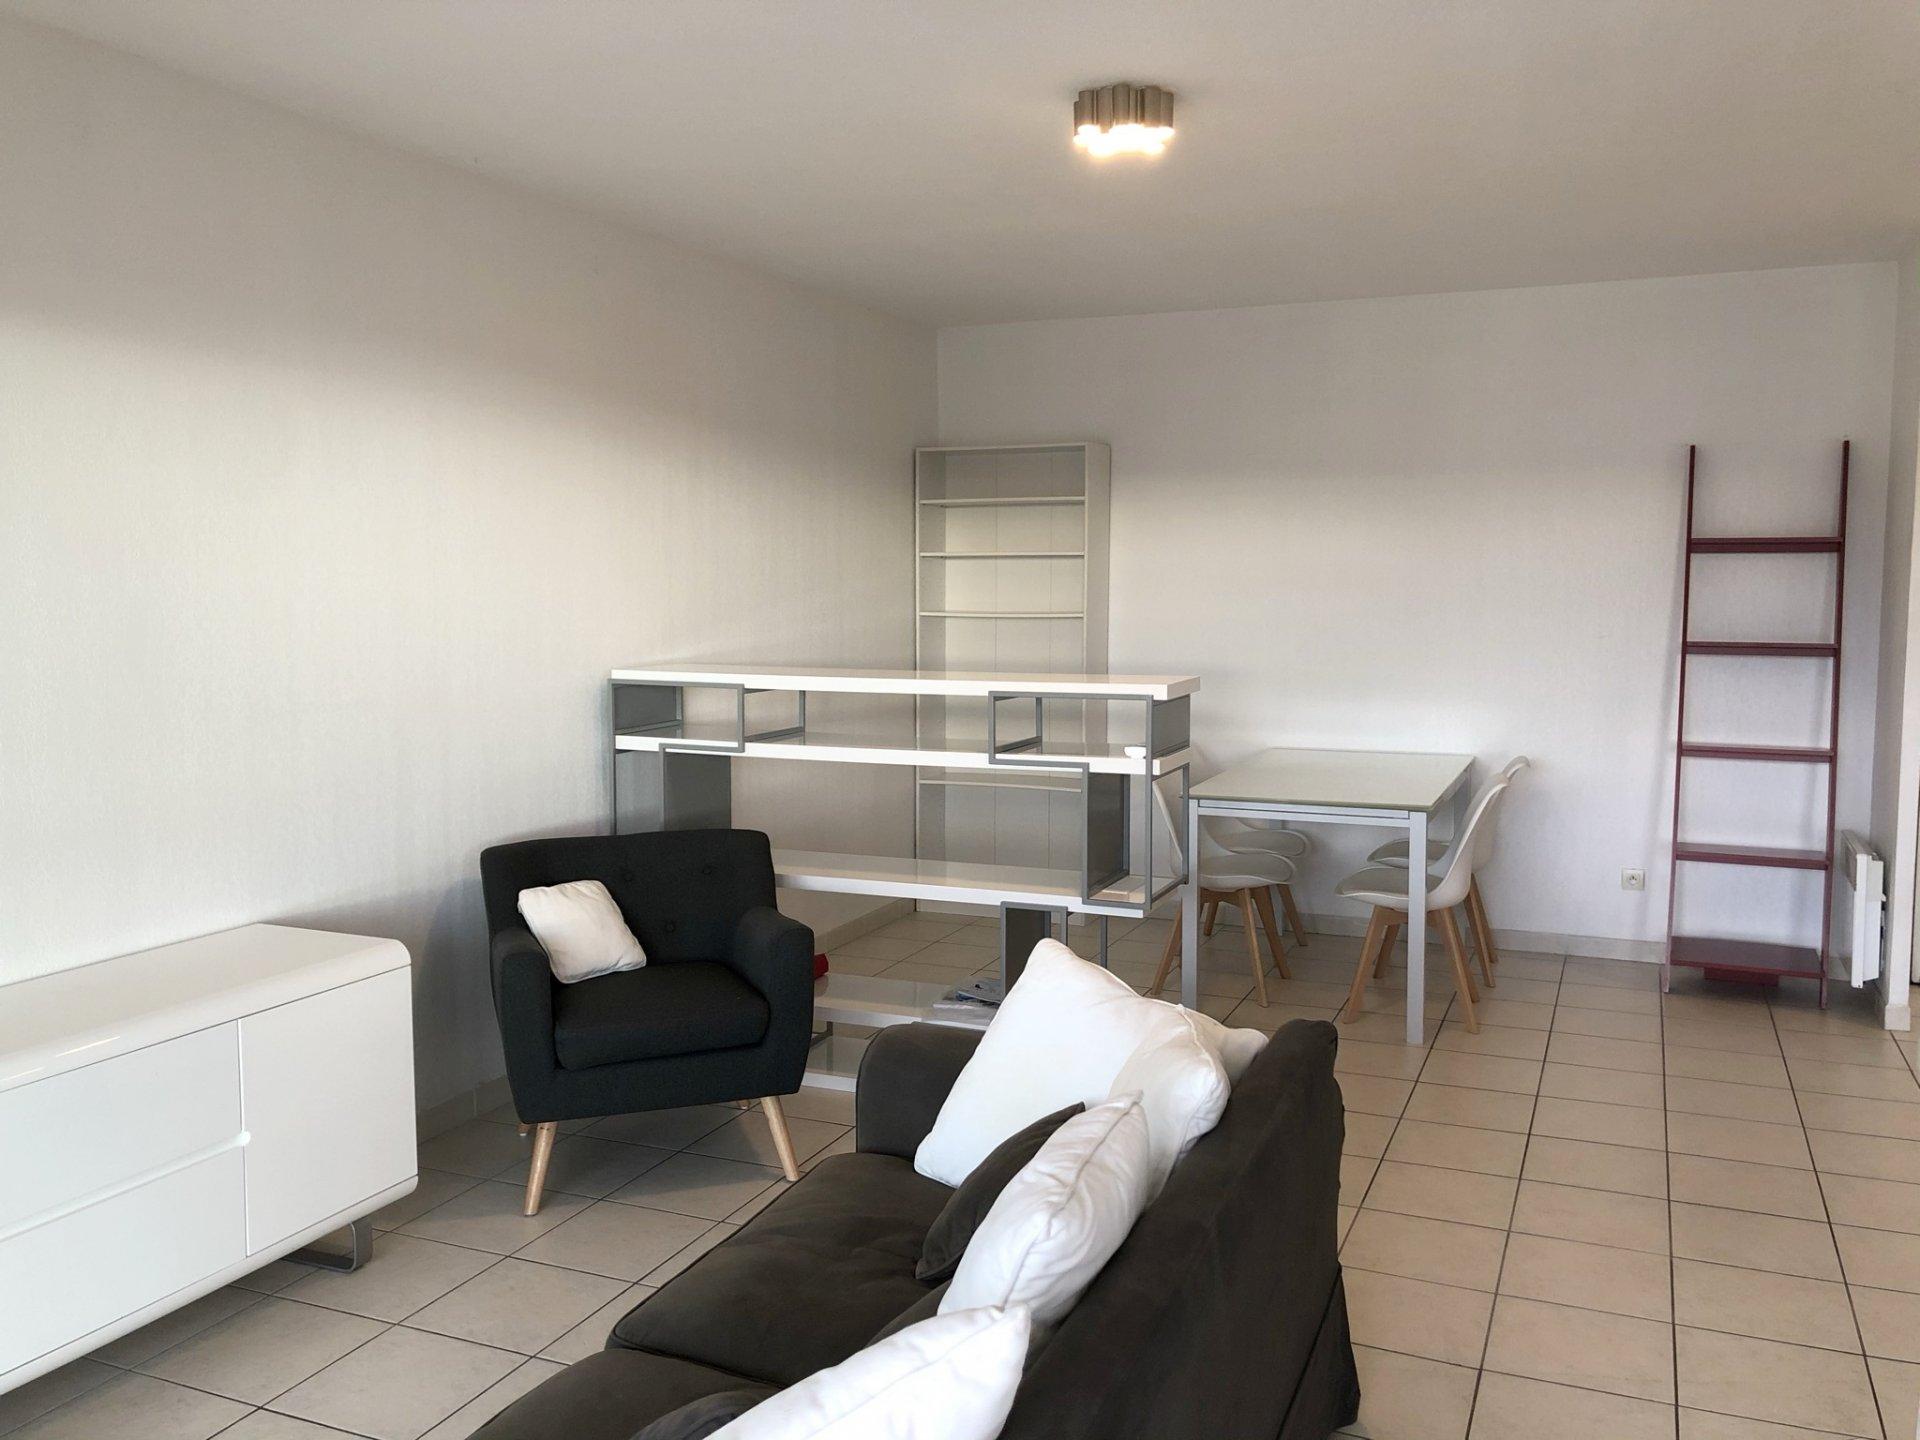 Location Nice, 2 pièces meublé avec garage secteur Corniche Fleurie